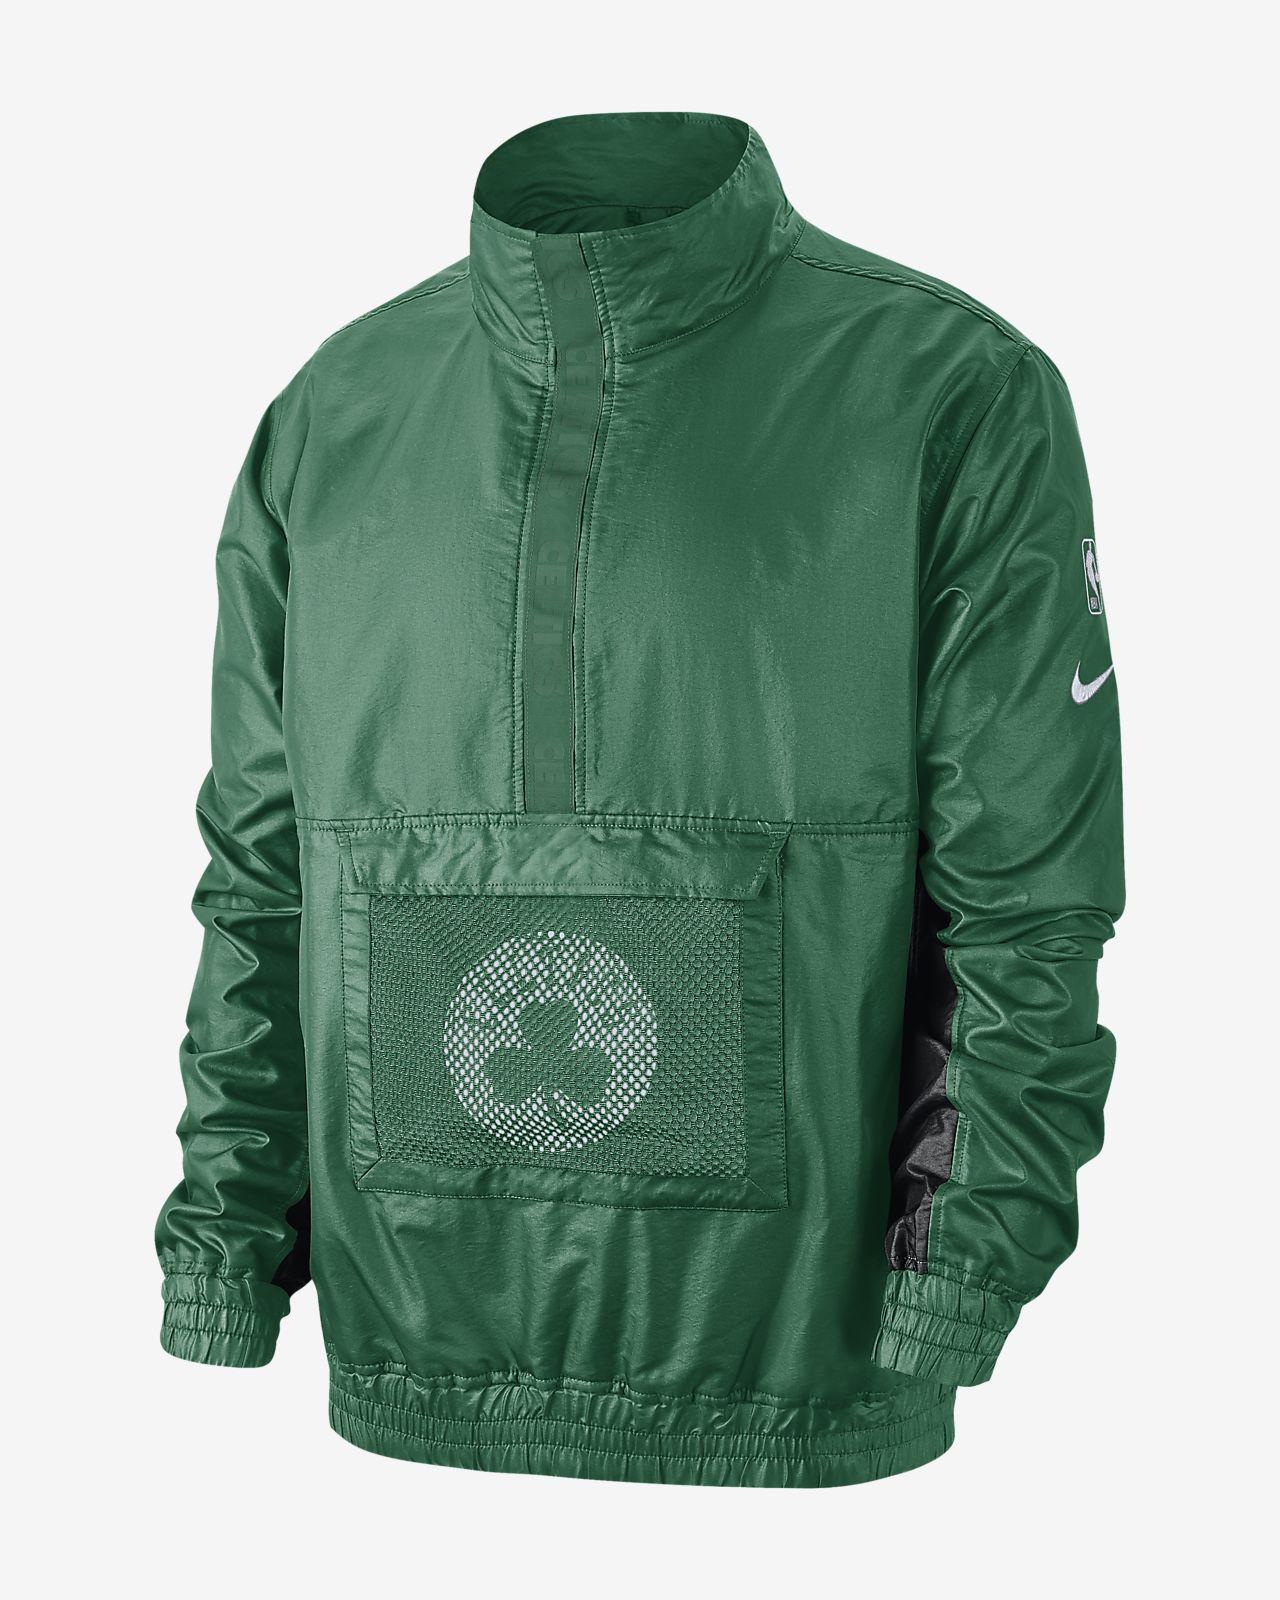 Boston Celtics Nike könnyű férfi NBA-s kabát